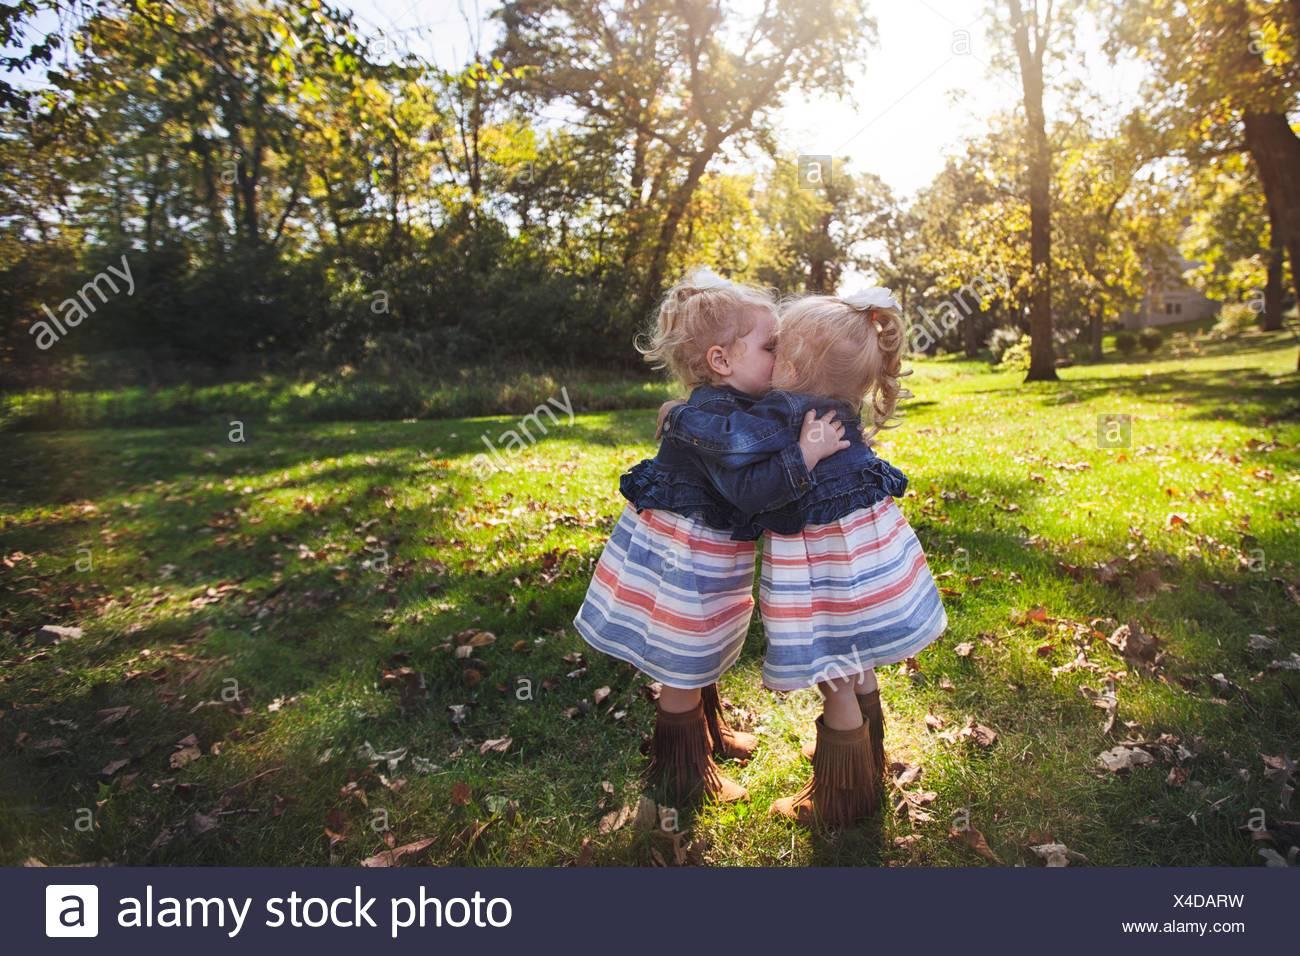 Zwillingsmädchen tragen passende Kleider von Angesicht zu Angesicht umarmen und küssen Stockbild